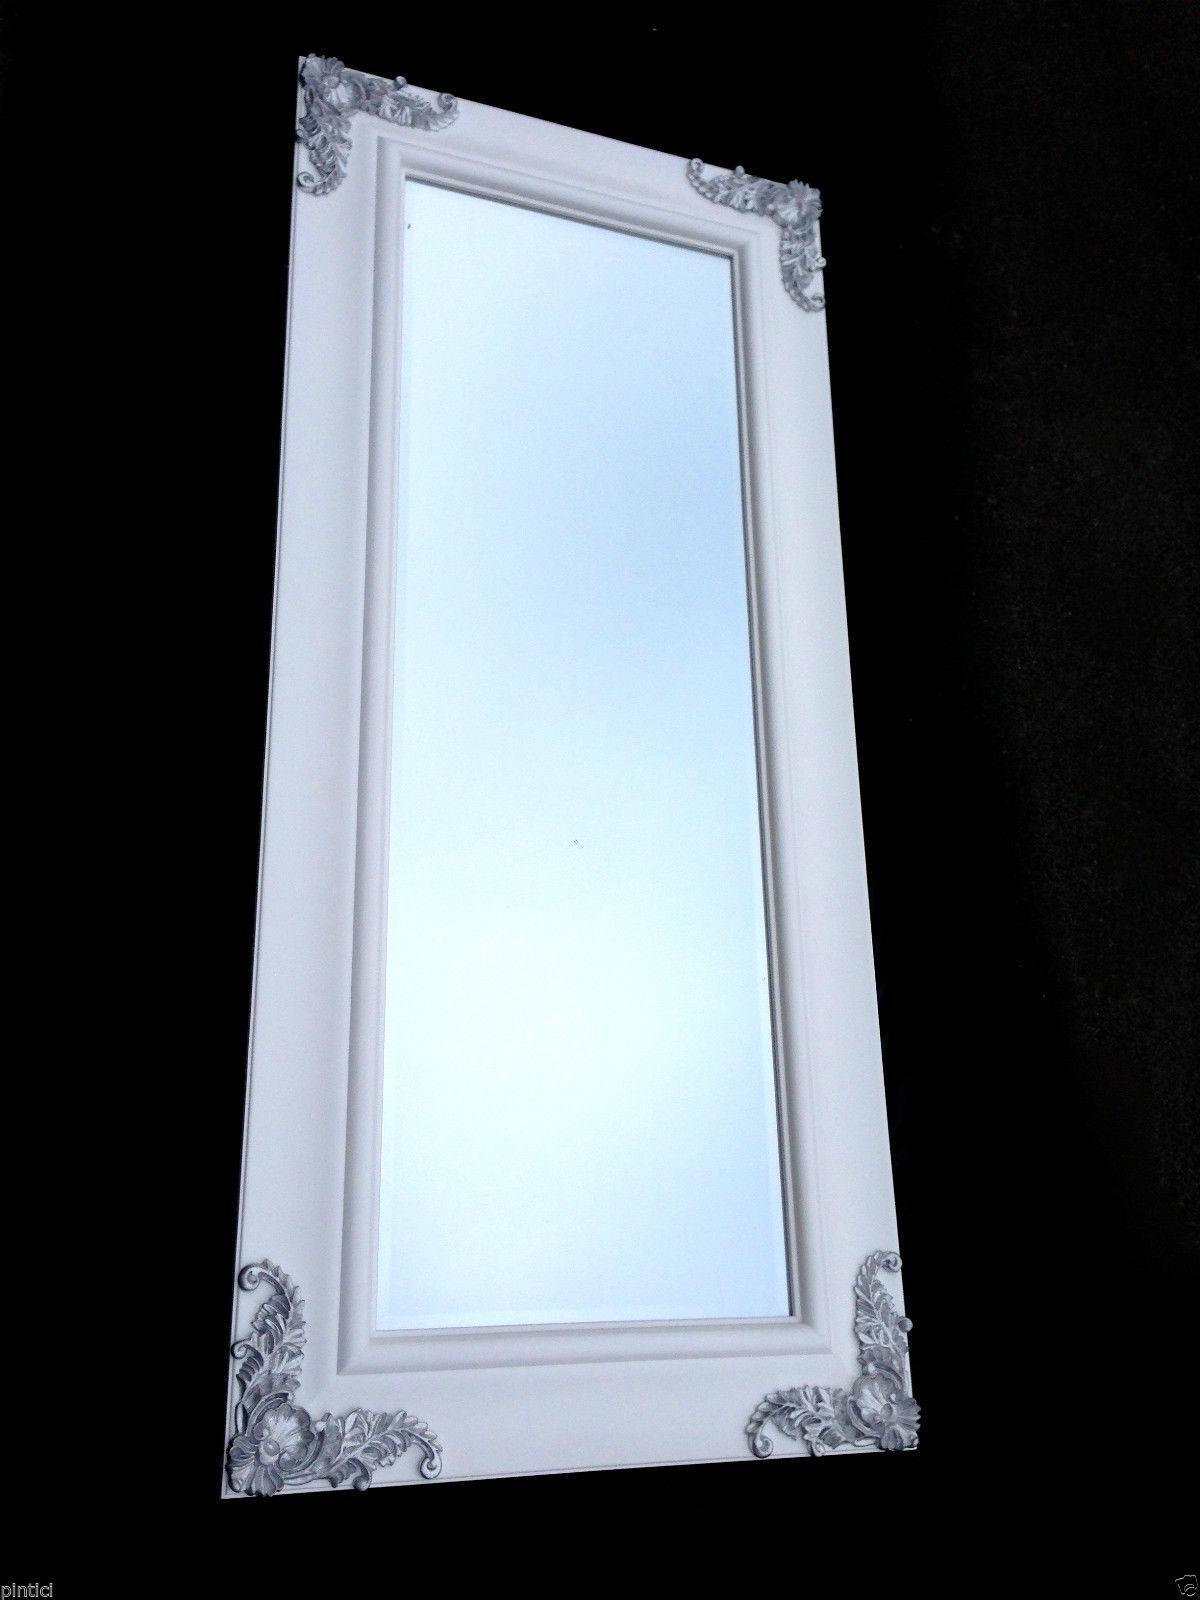 ikea wandspiegel cheap bilder wandspiegel ikea spiegel ohne rahmen gross with ikea wandspiegel. Black Bedroom Furniture Sets. Home Design Ideas